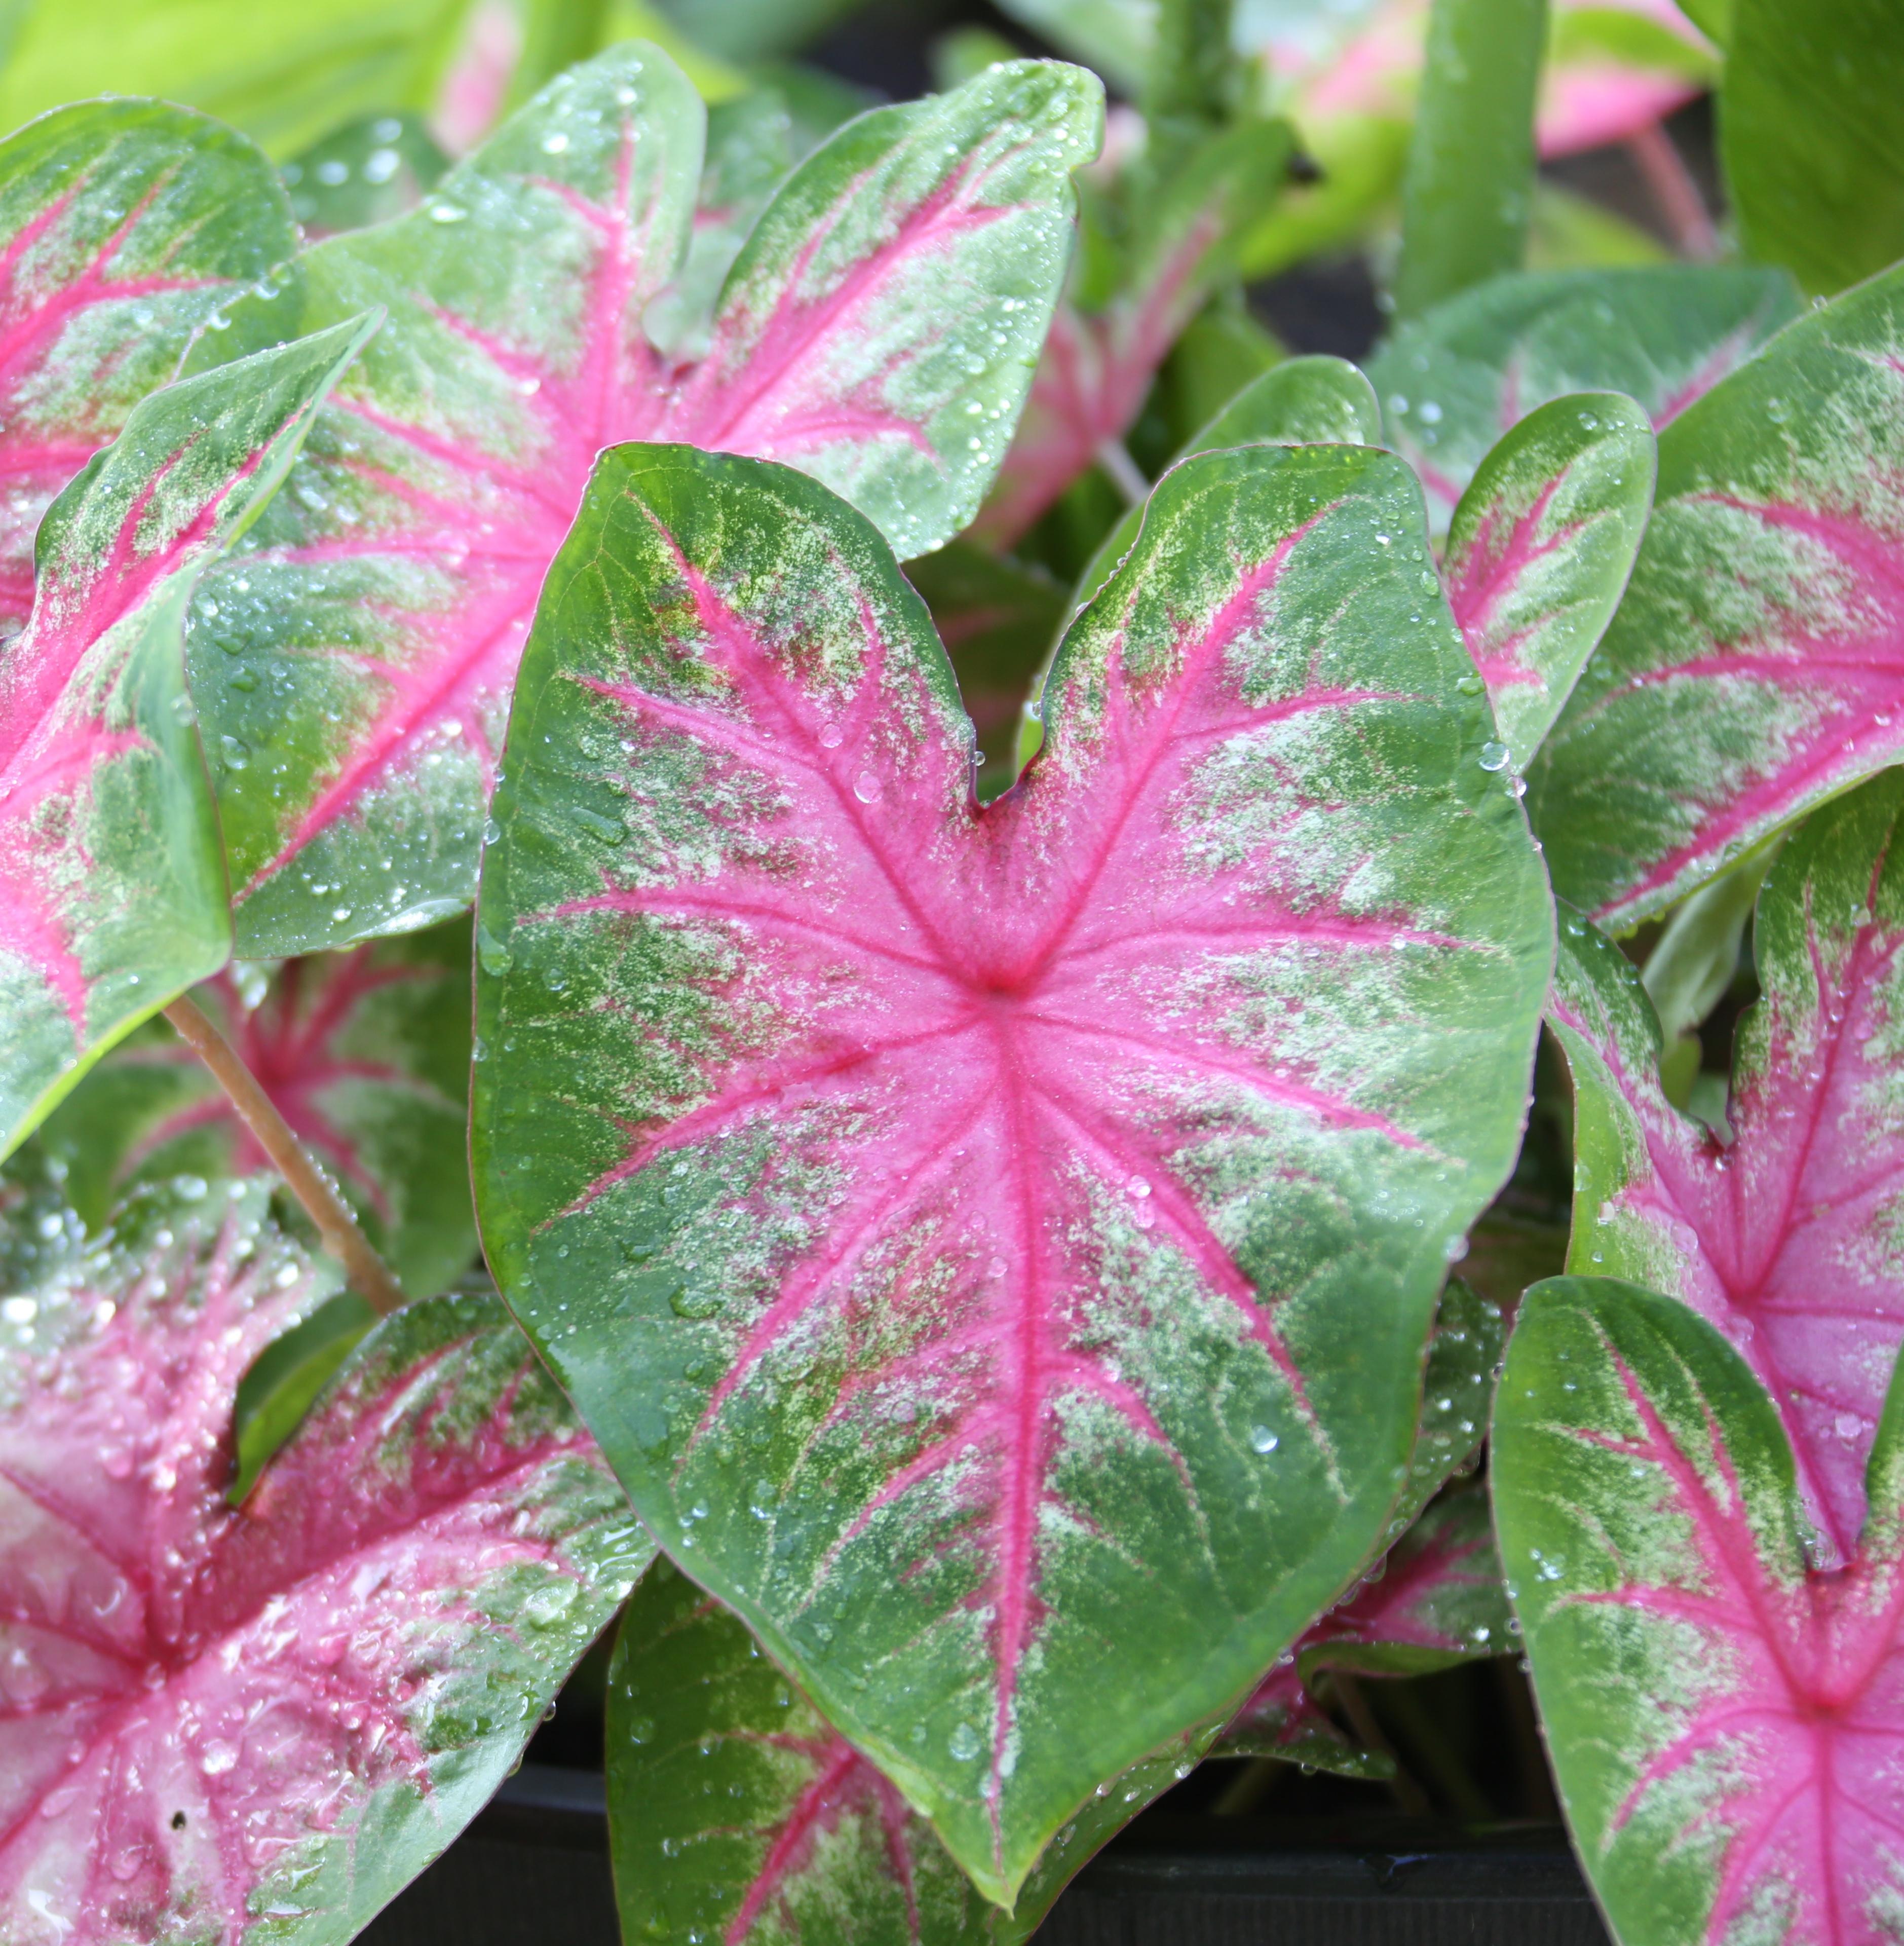 Las plantas perennes pueden prosperar en contenedores si se mantienen correctamente | Planta perenne cultivada en contenedores